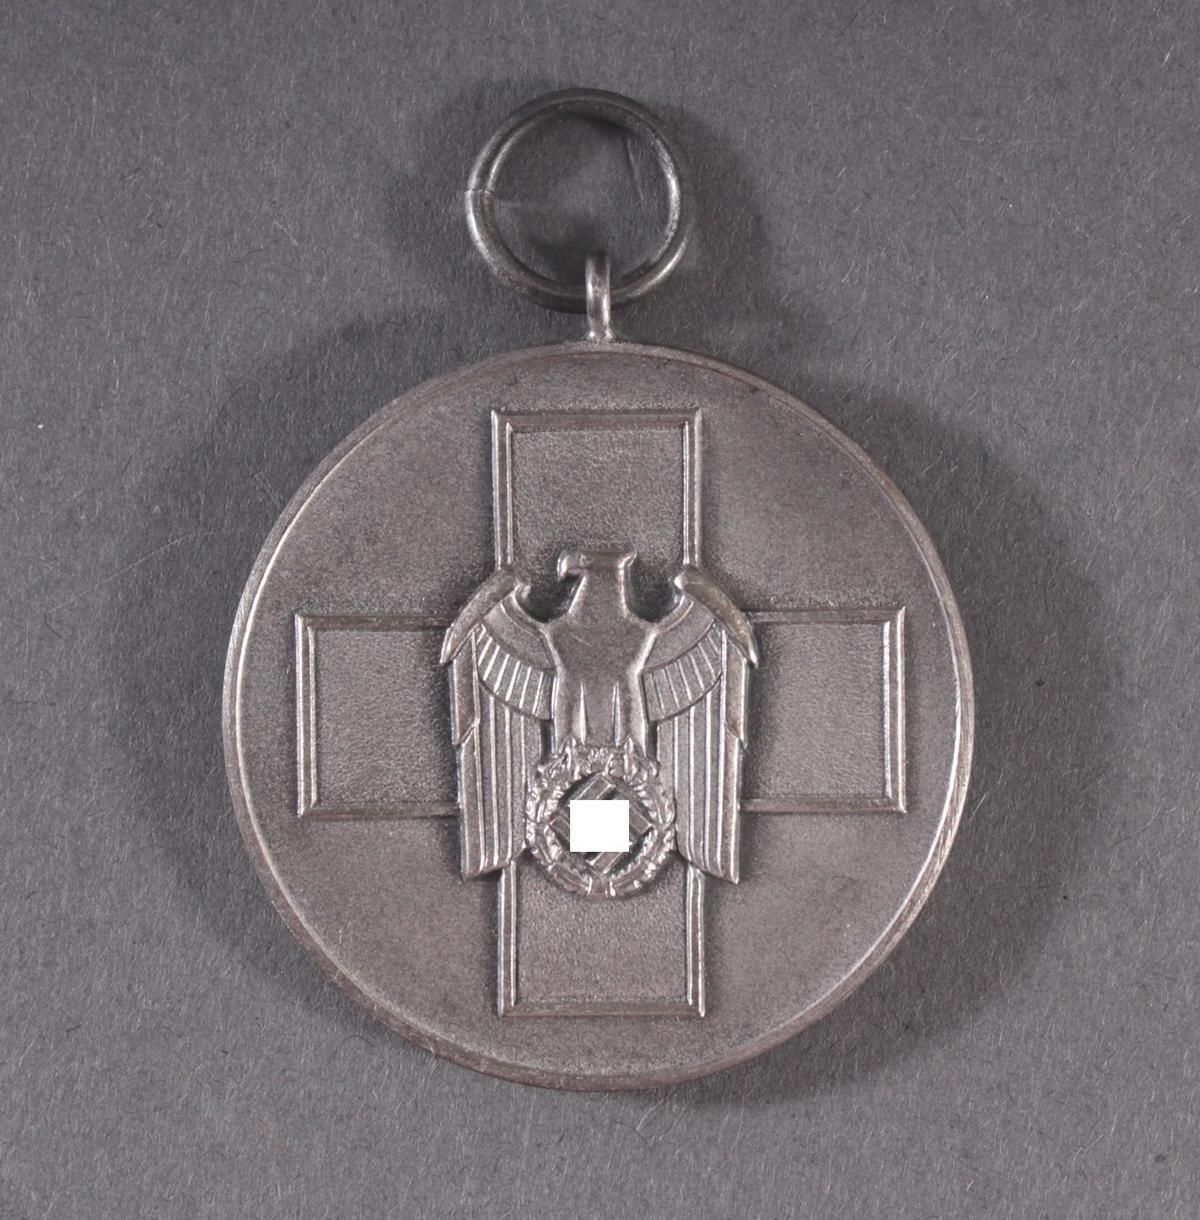 Ehrenzeichen für deutsche Volkspflege vom 1. Mai 1939